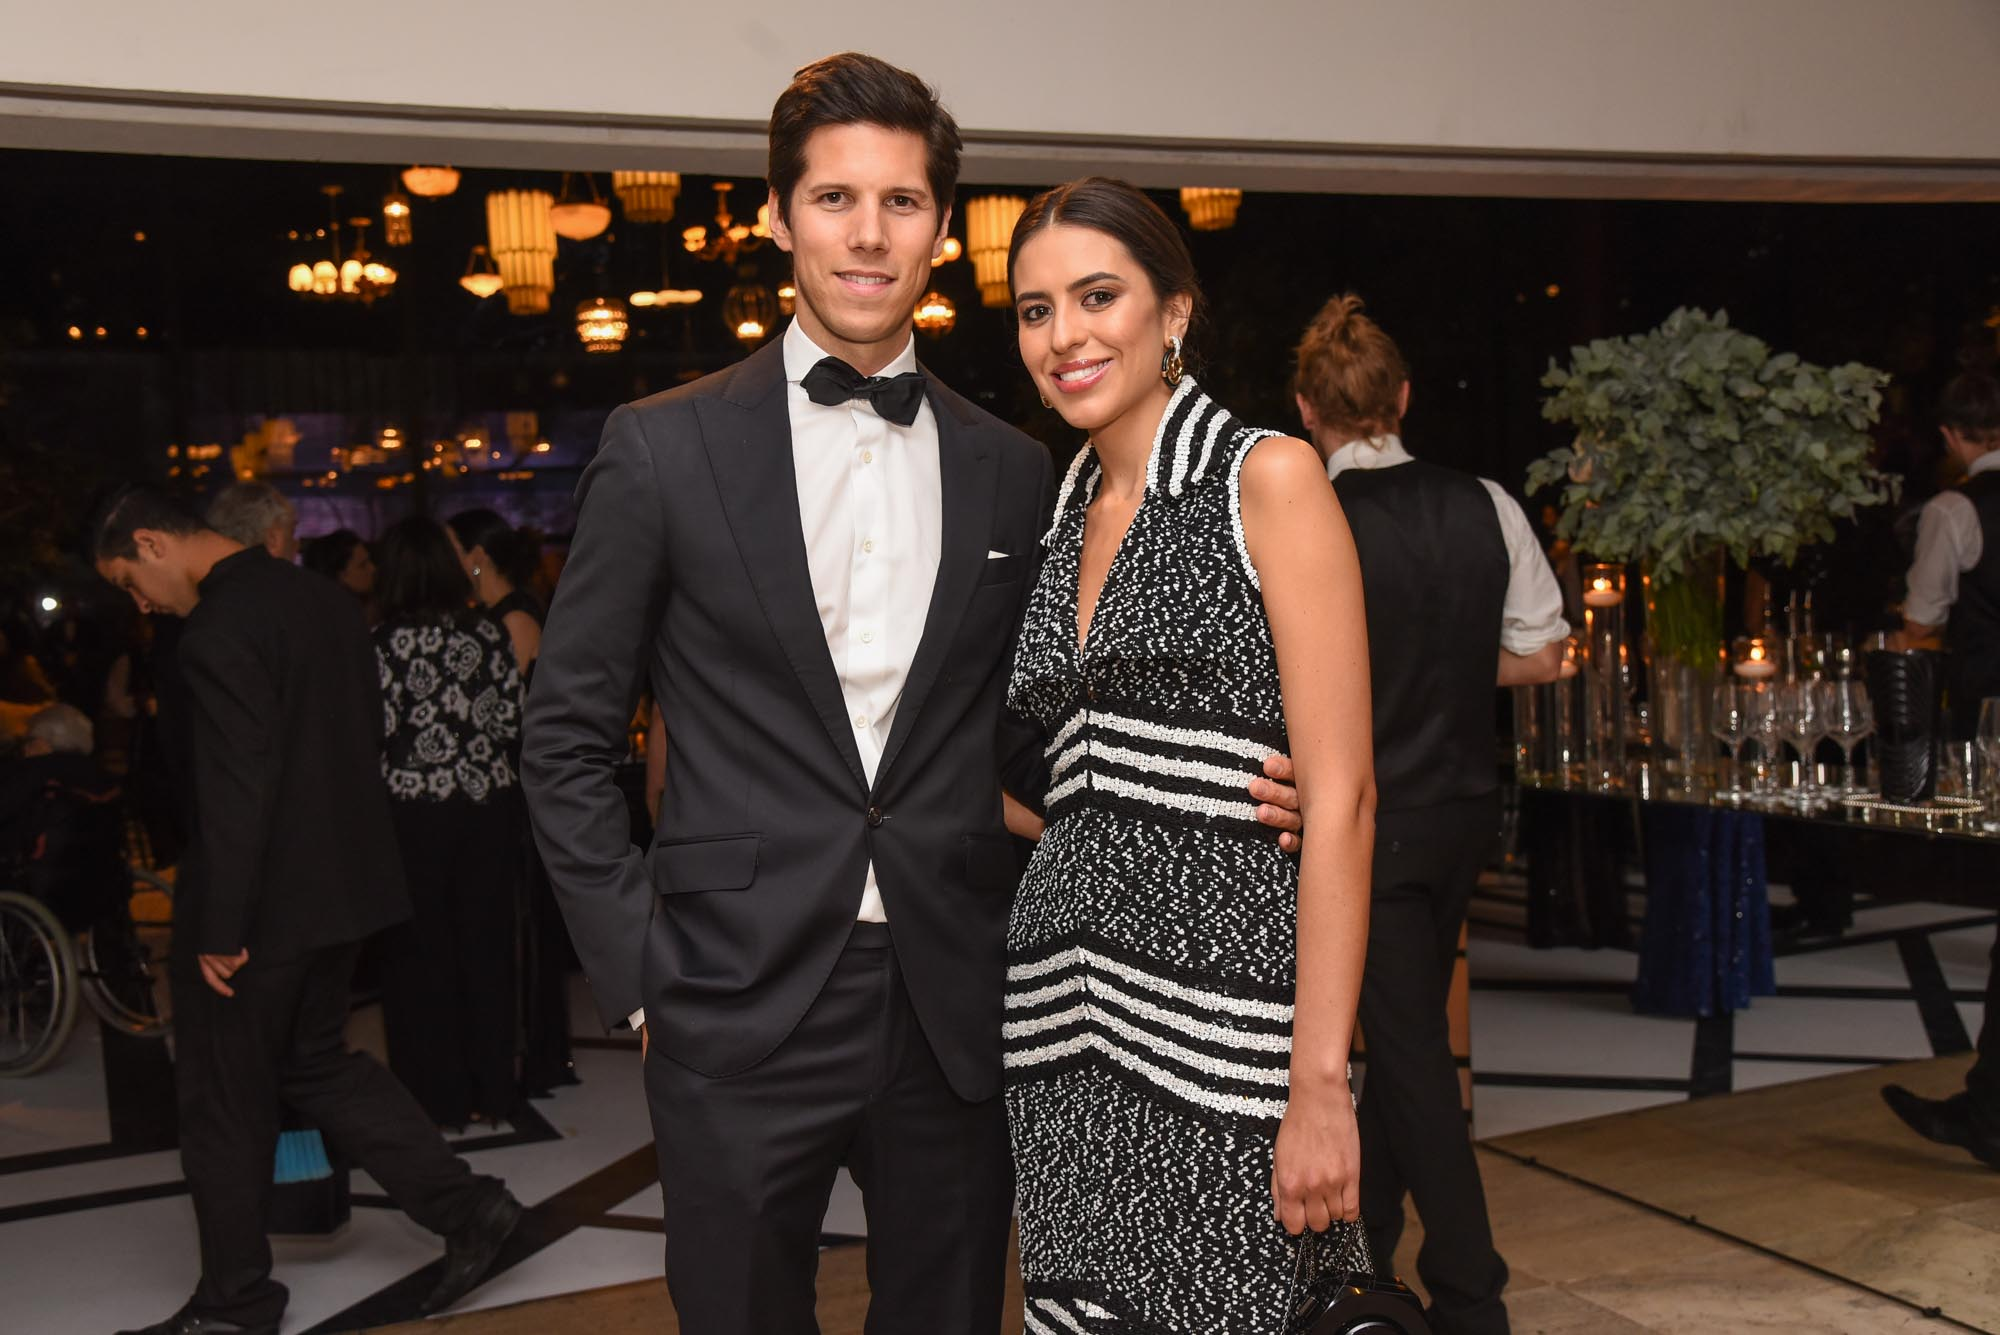 Amanda Cassou e Dominique Oliver V BrazilFoundation Gala São Paulo Chanel 2018 Filantropia Brasil Philanthropy Brazil